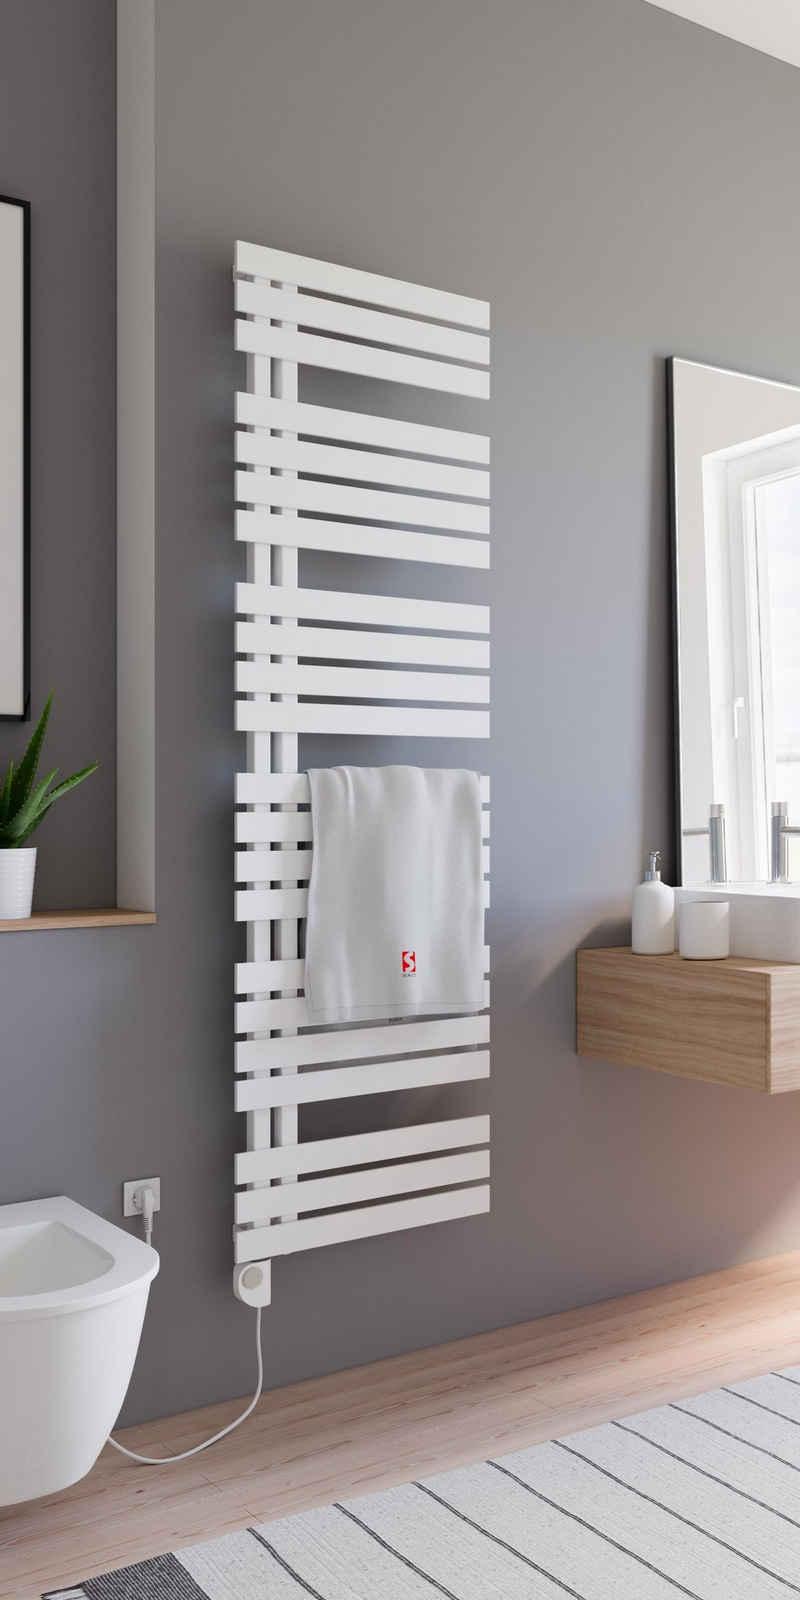 Schulte Elektrischer Badheizkörper »Design-Handtuchwärmekörper Breda«, inkl. Heizstab 3, steckerfertig